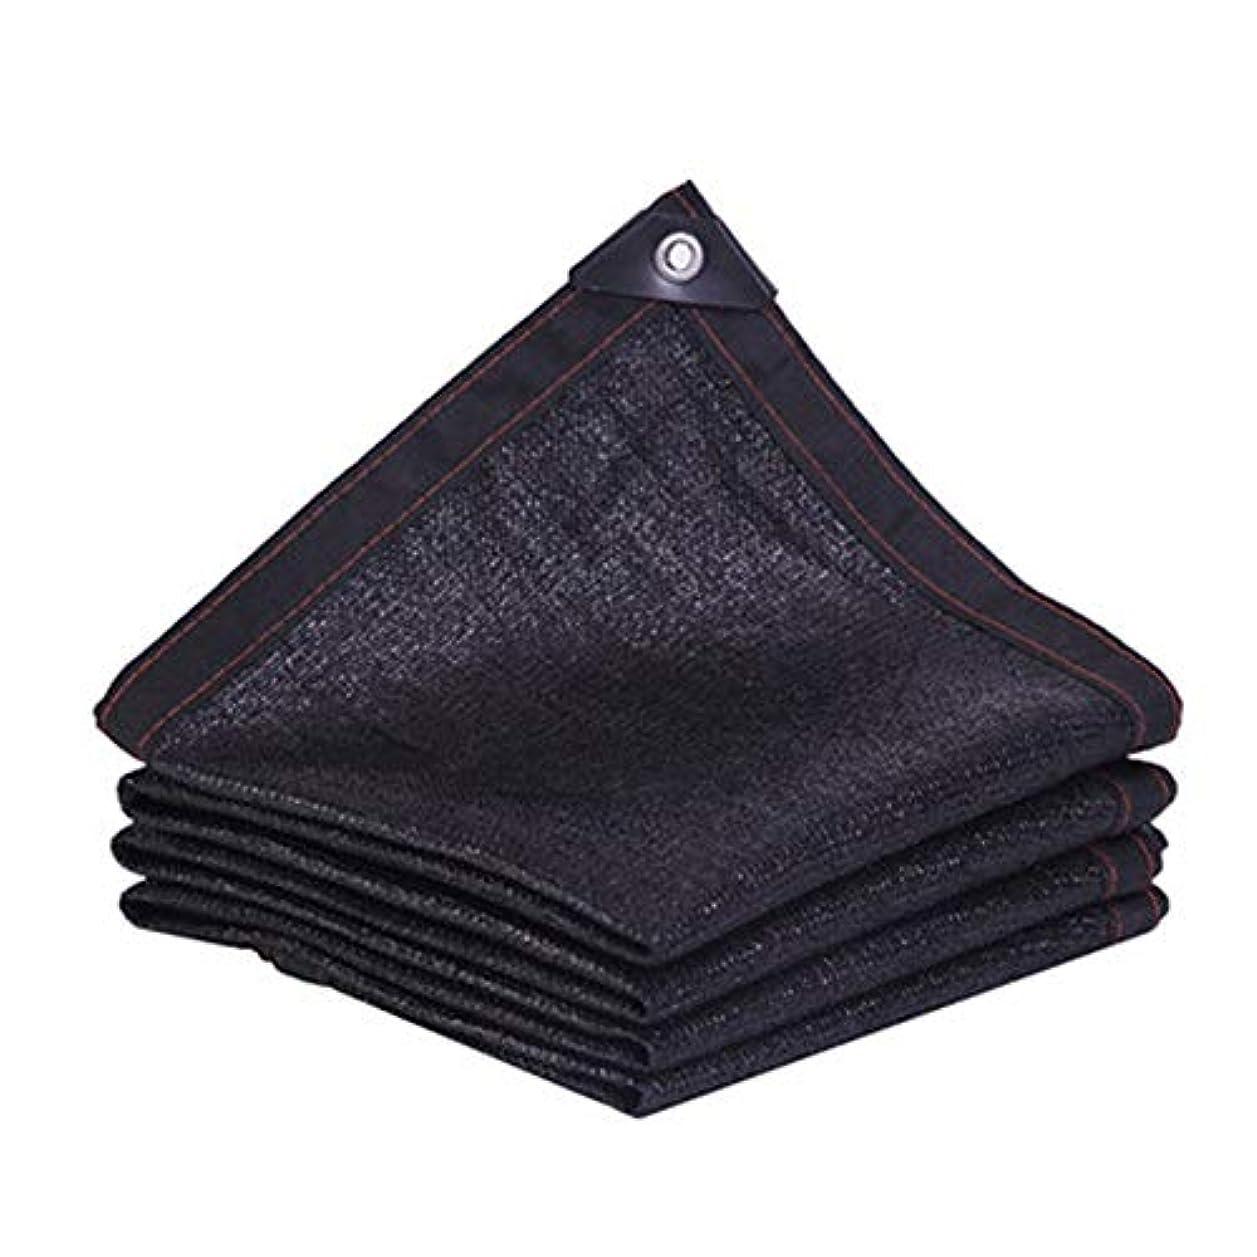 正確なふくろうオフ遮光布 遮光ネット ポリエチレン、 厚い暗号化 24サイズ 中庭のバルコニー/シェードシェード/ルーフ冷却,Black,2*6m